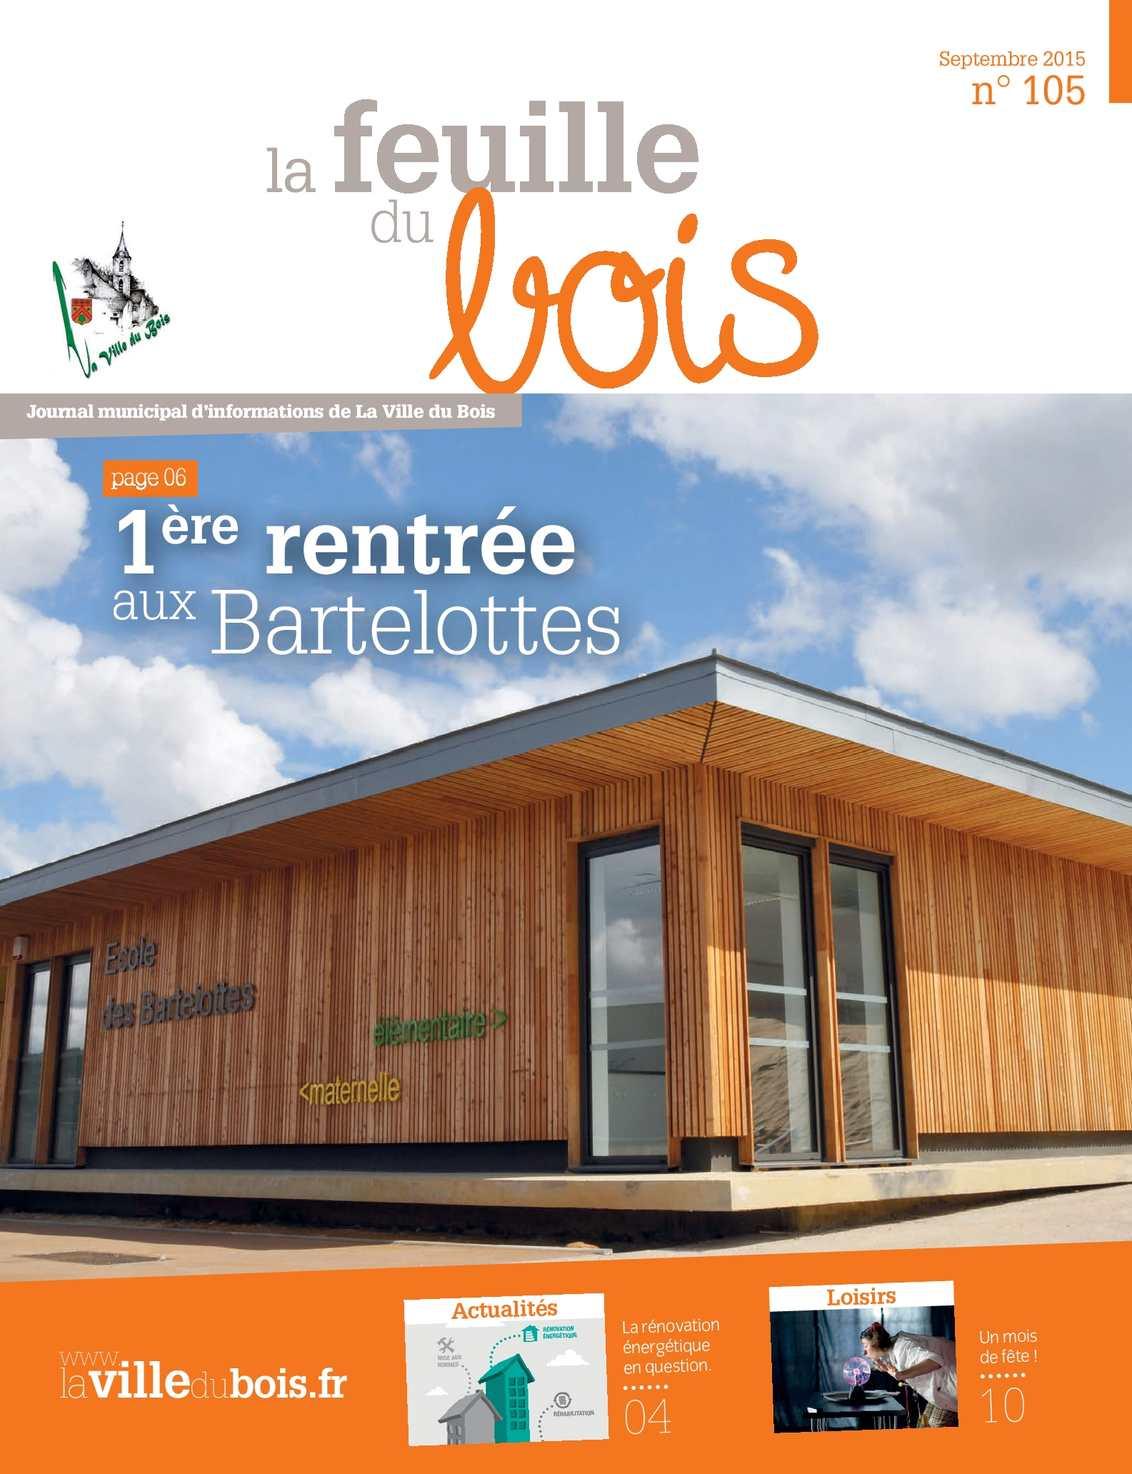 Chantal coiffure la ville du bois u2013 Votre nouveau blogélégantà la coupe de cheveux # Coiffeur La Ville Du Bois